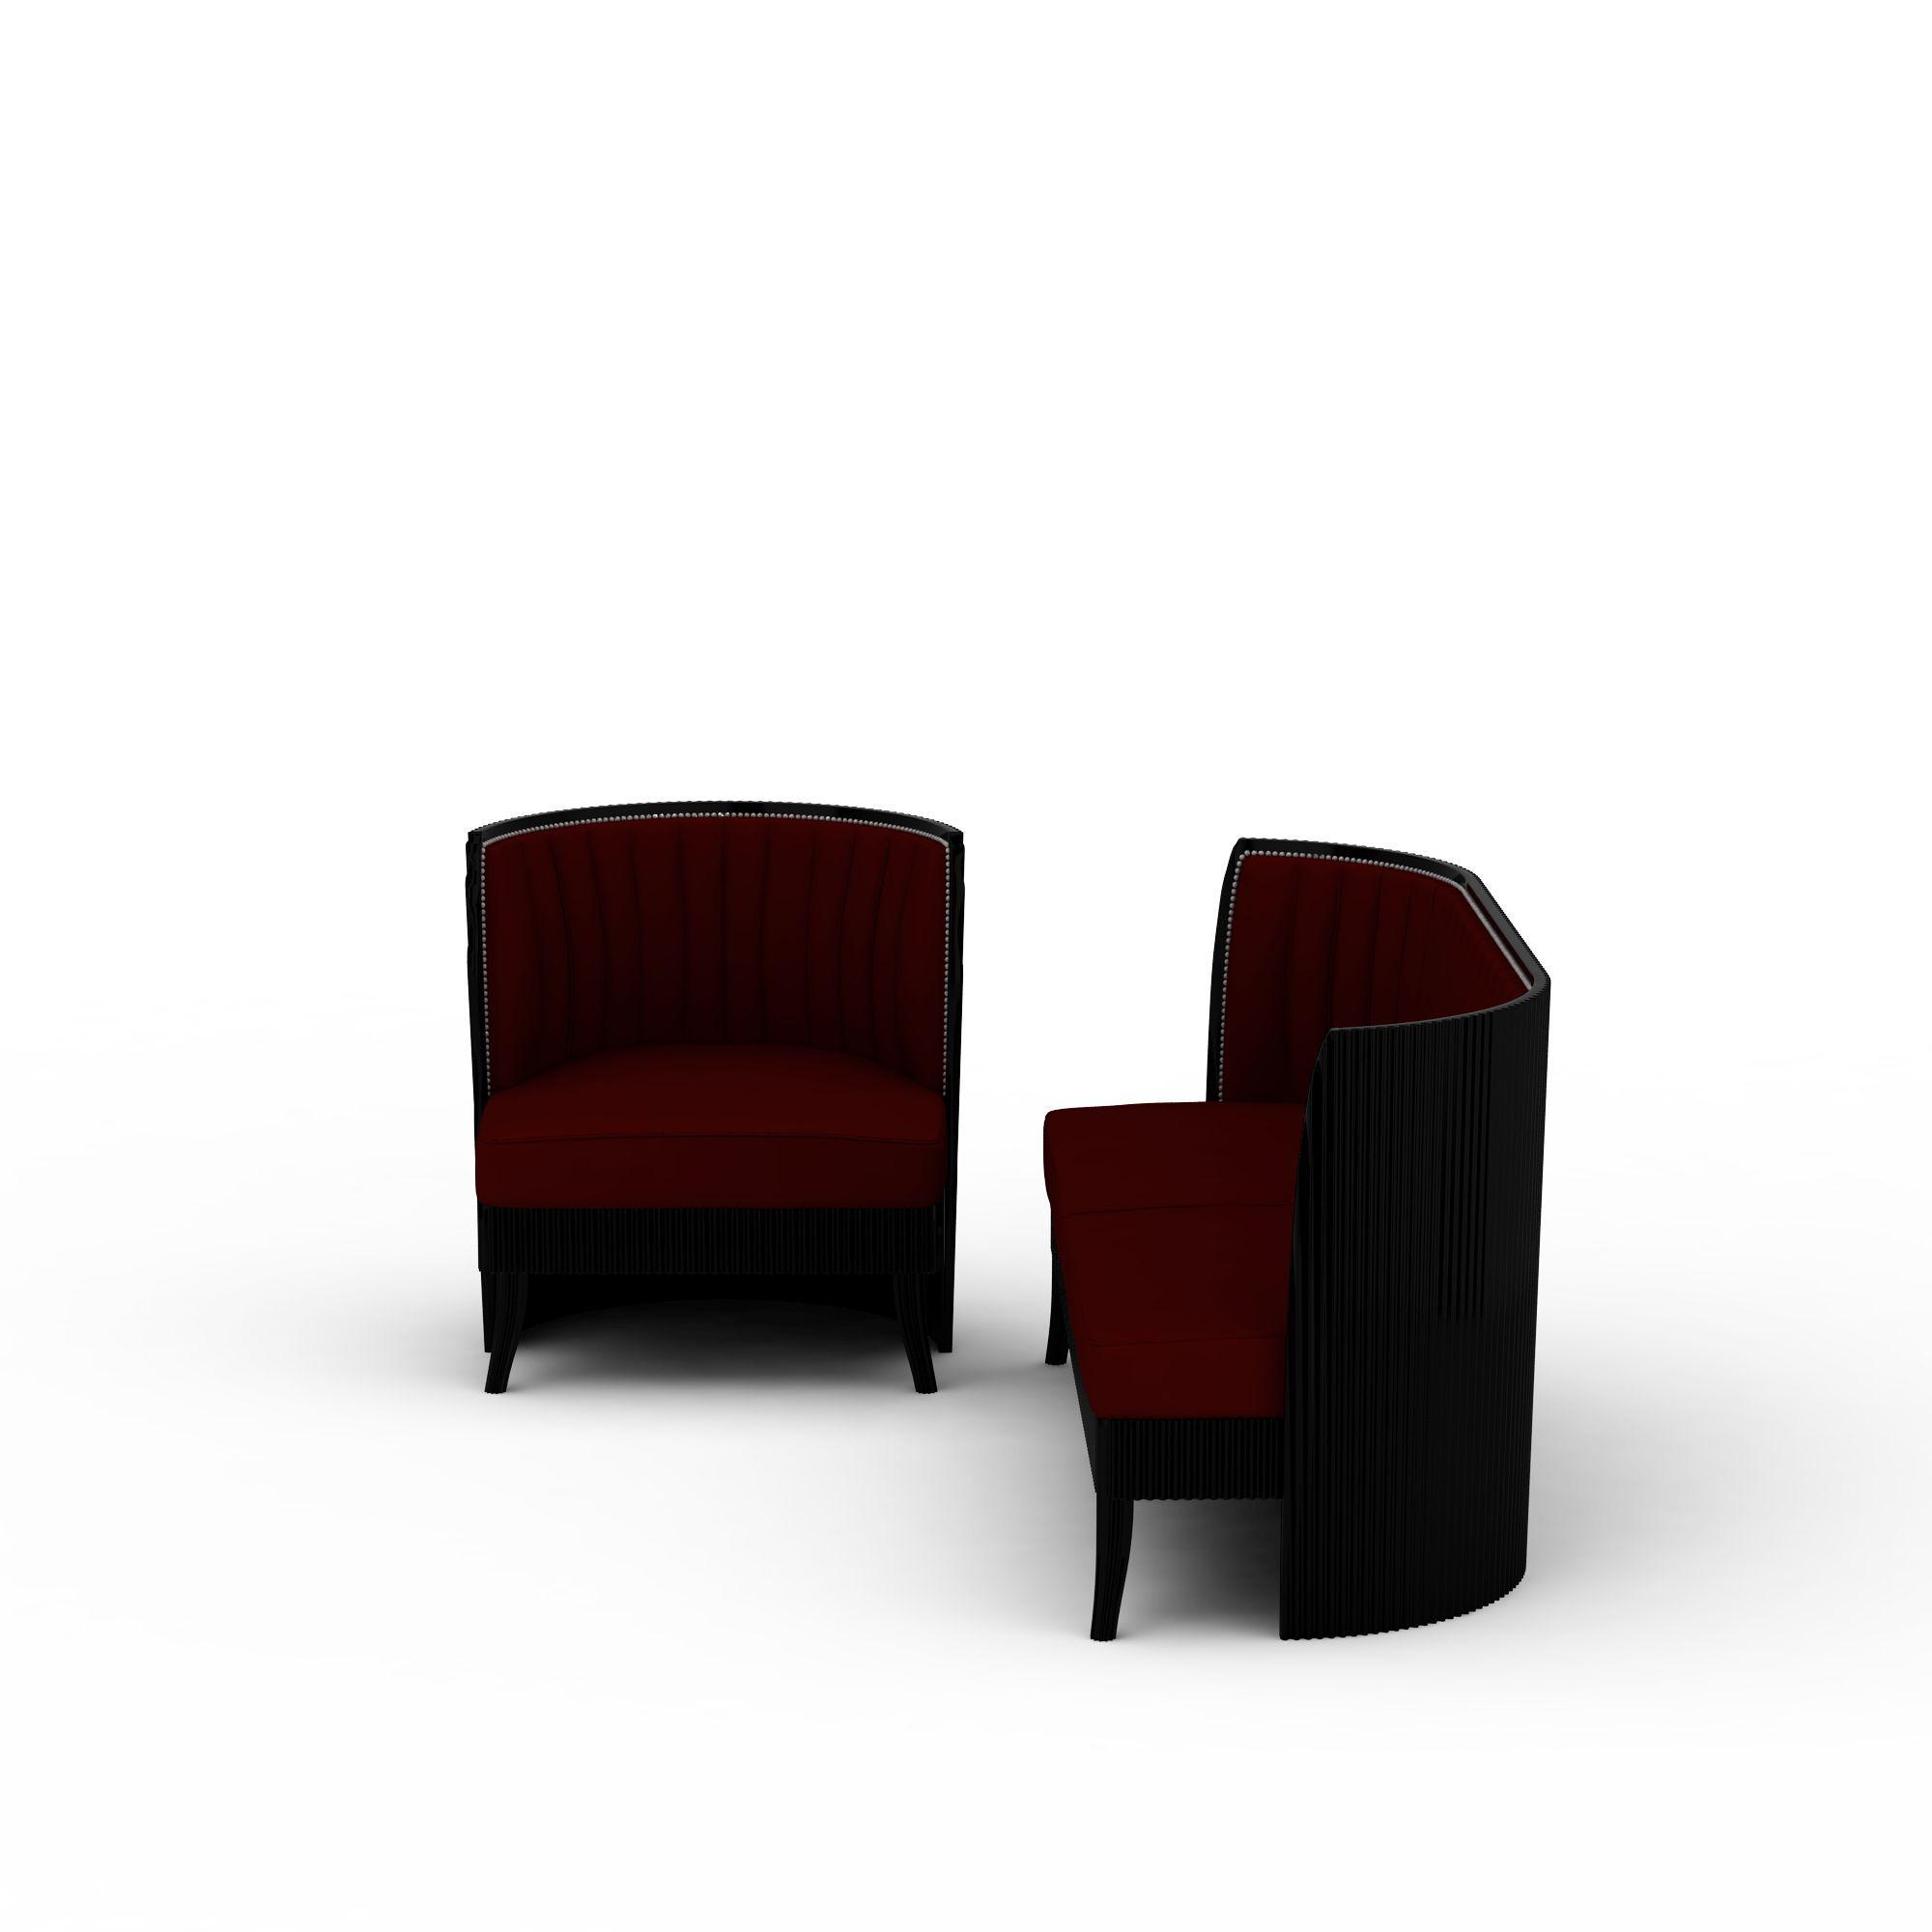 沙发椅组合png高清图片下载